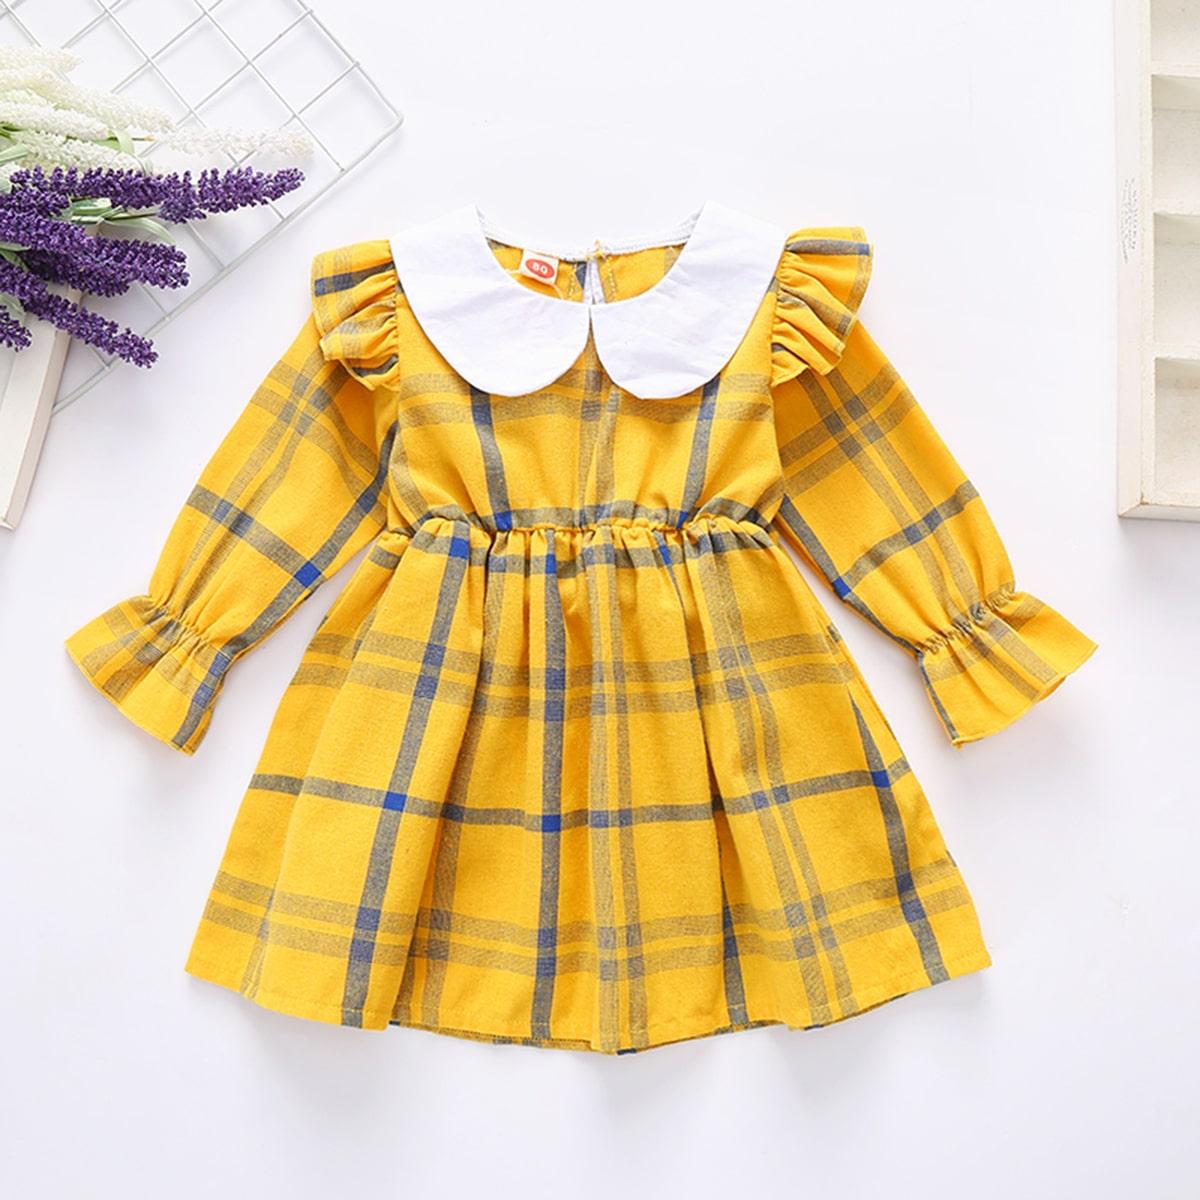 Расклешенное платье в клетку с контрастным воротником для девочек от SHEIN